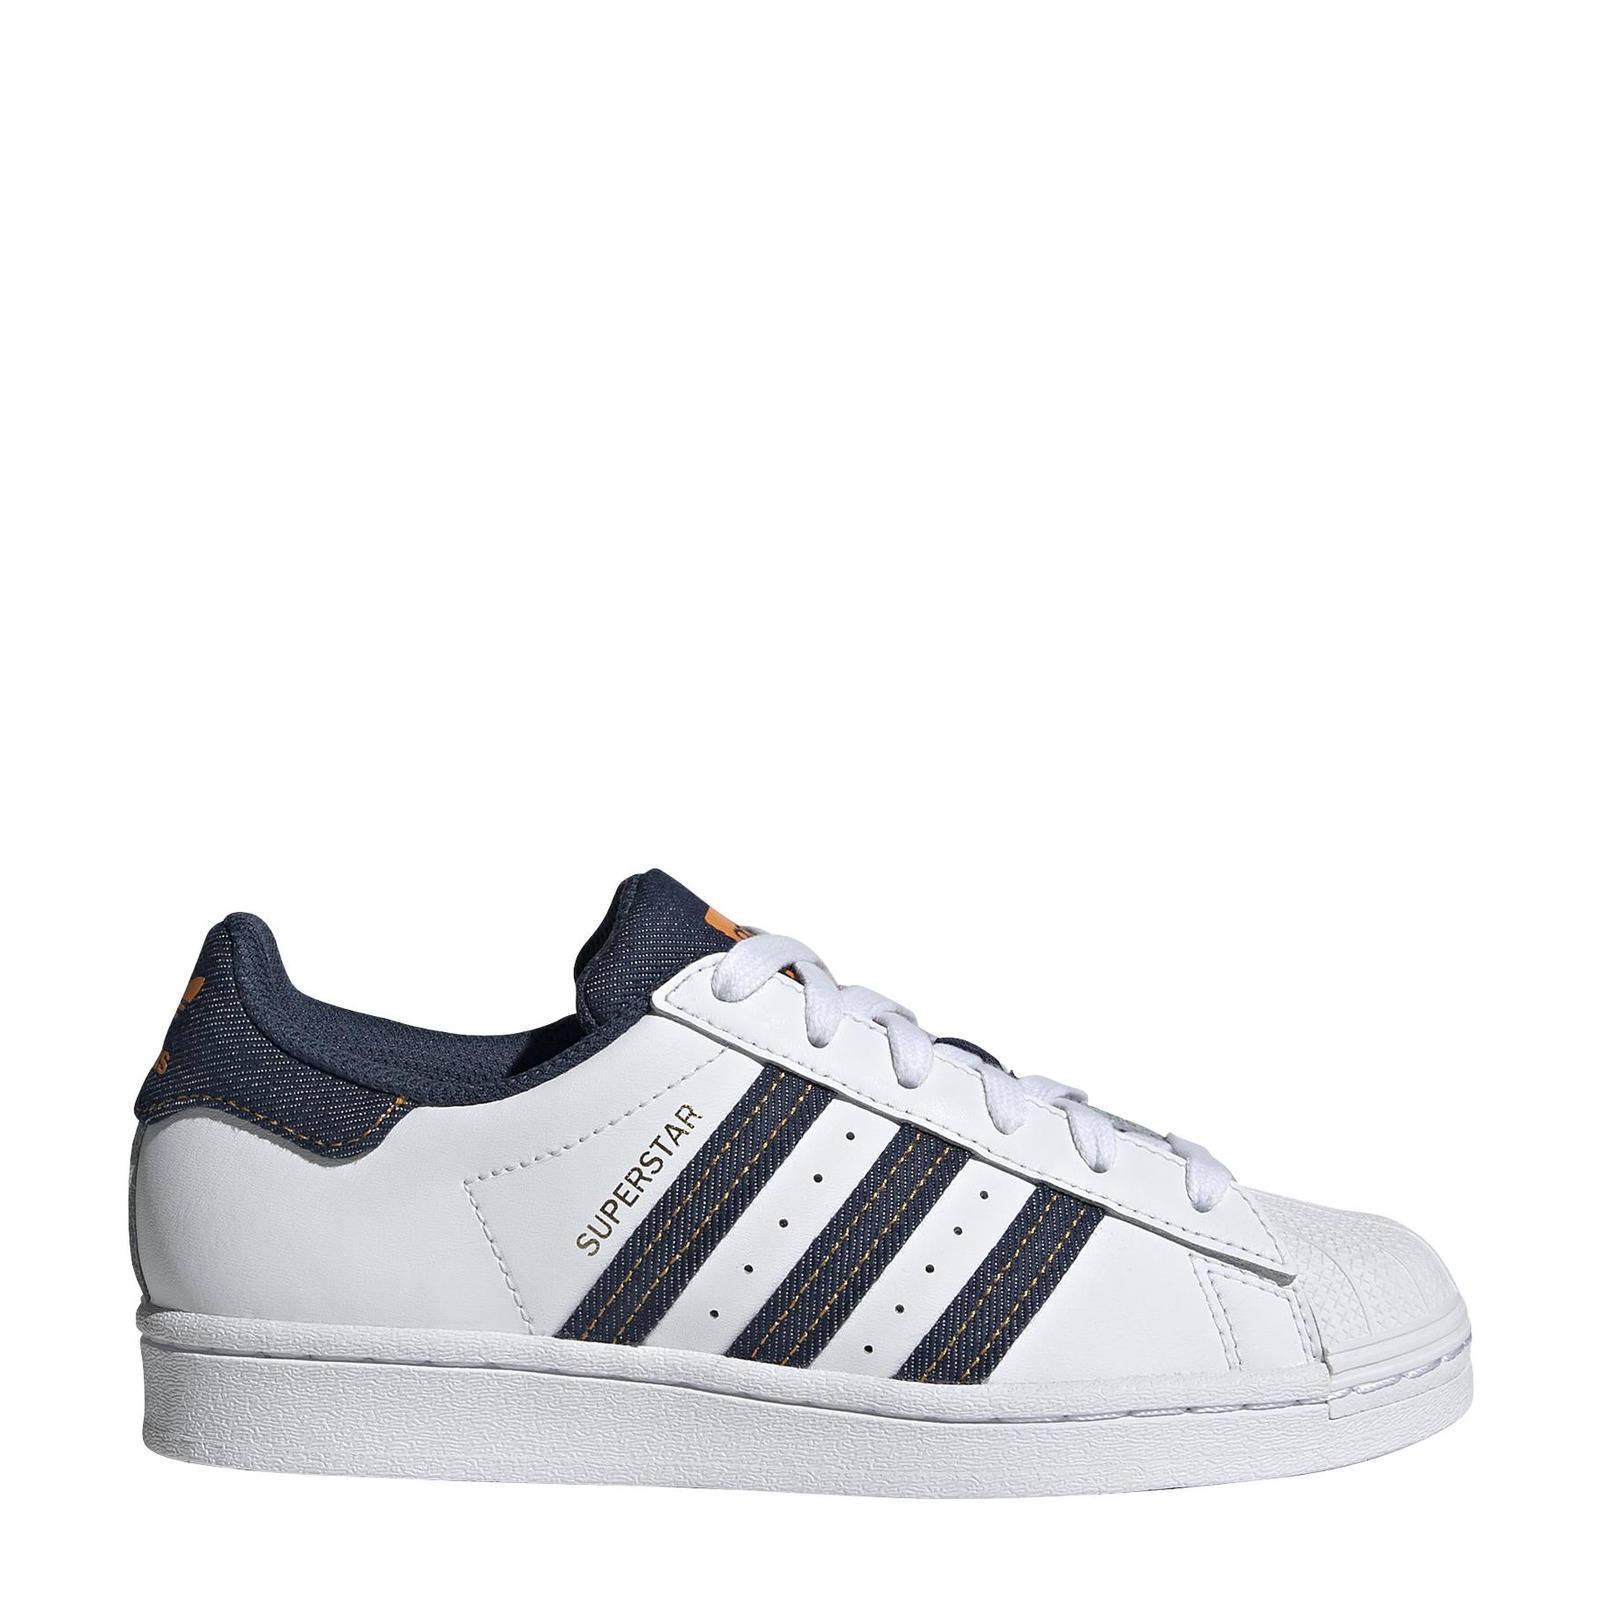 Adidas Originals Superstar sneakers wit/denim online kopen